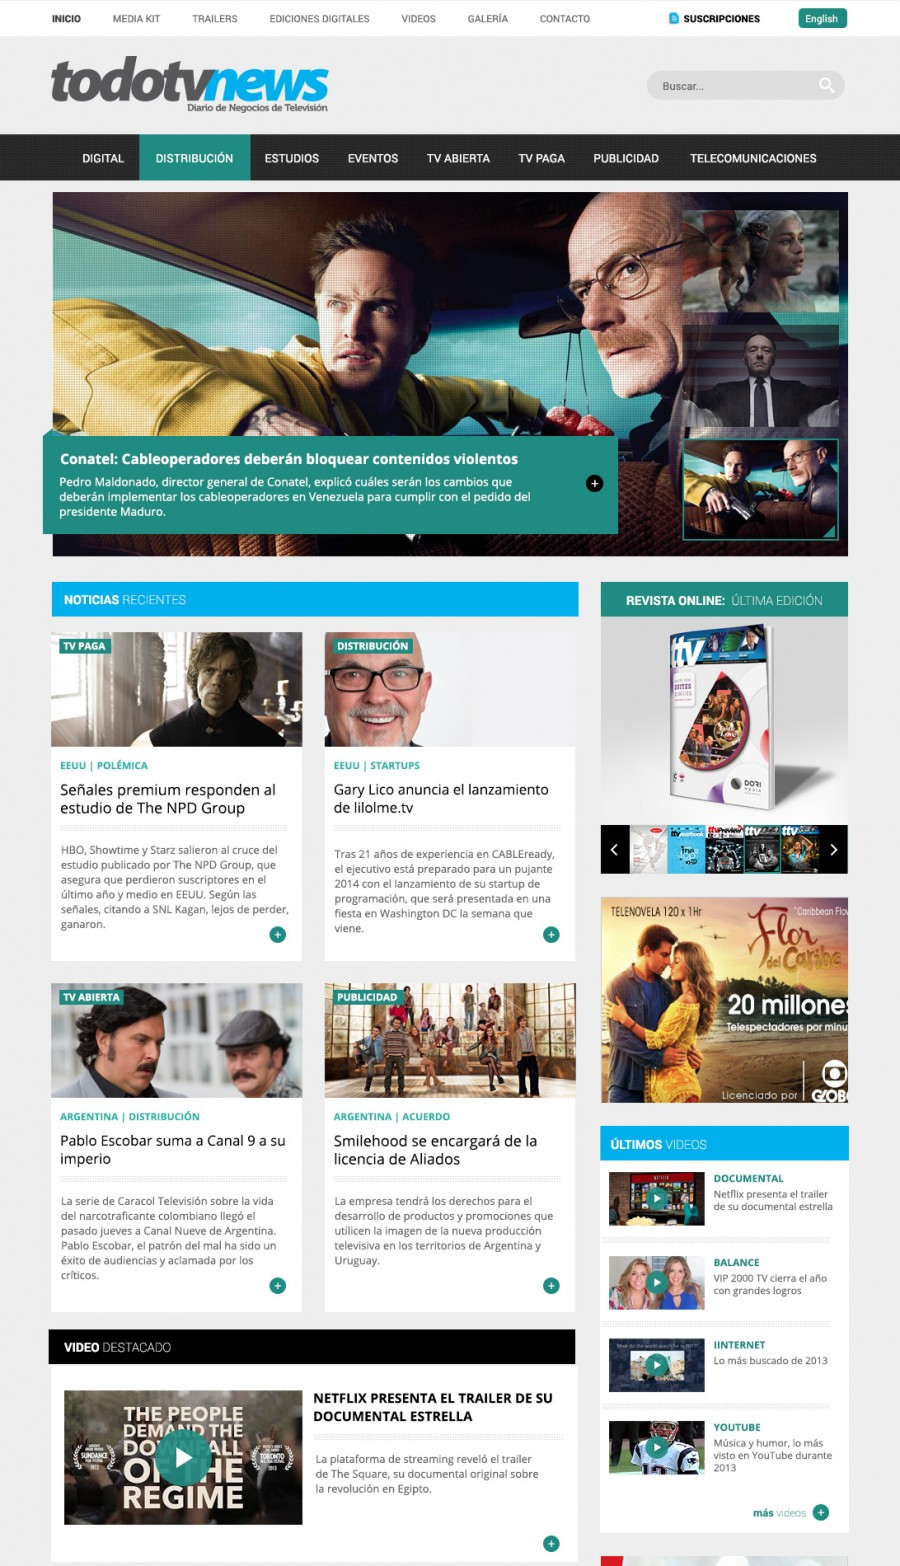 diseño de portada para sitio de noticias